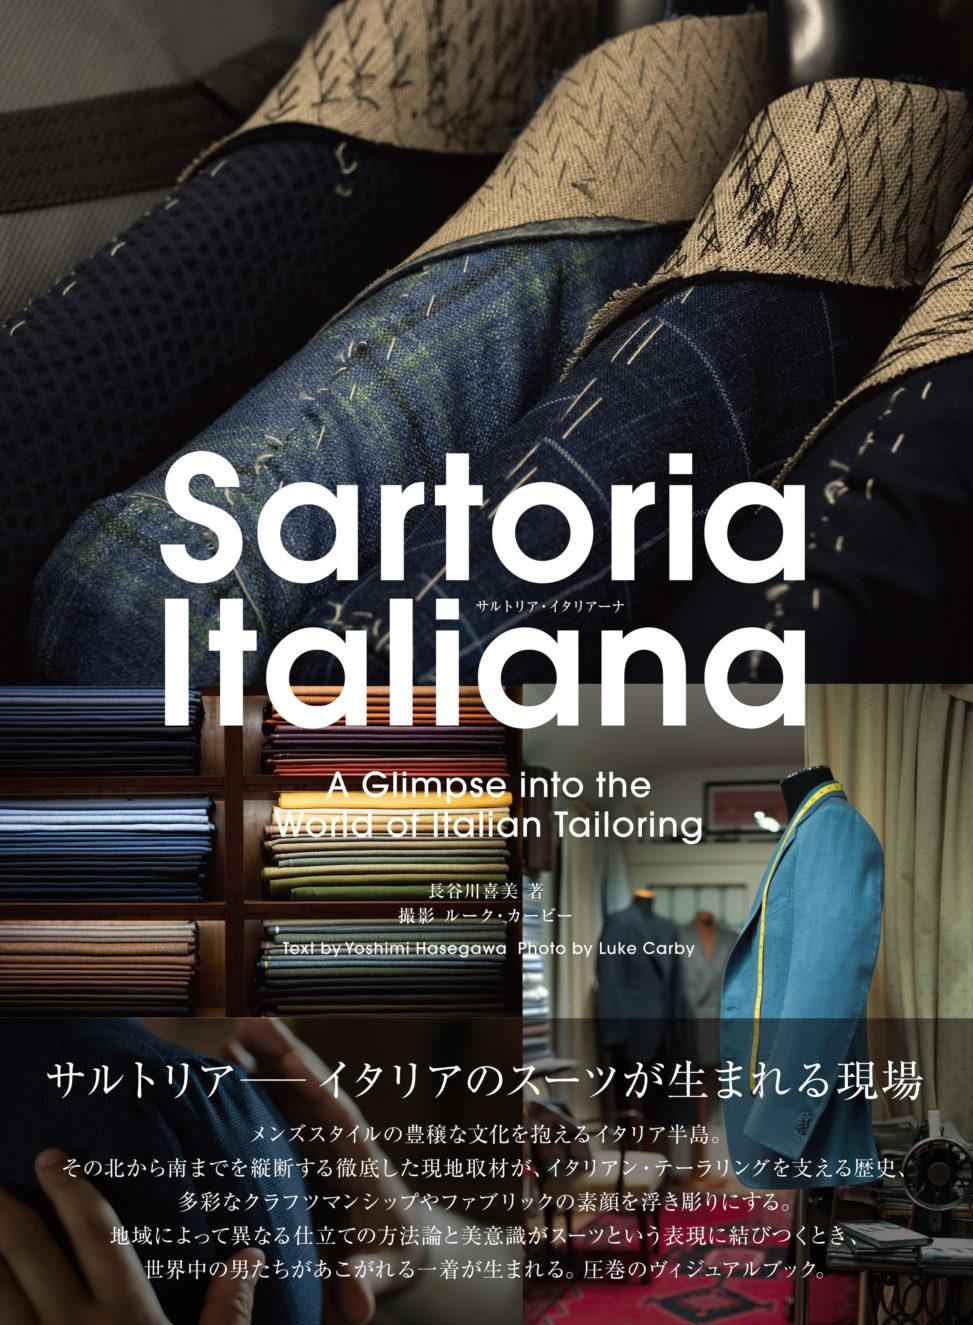 SARTORIA_ITALIANA